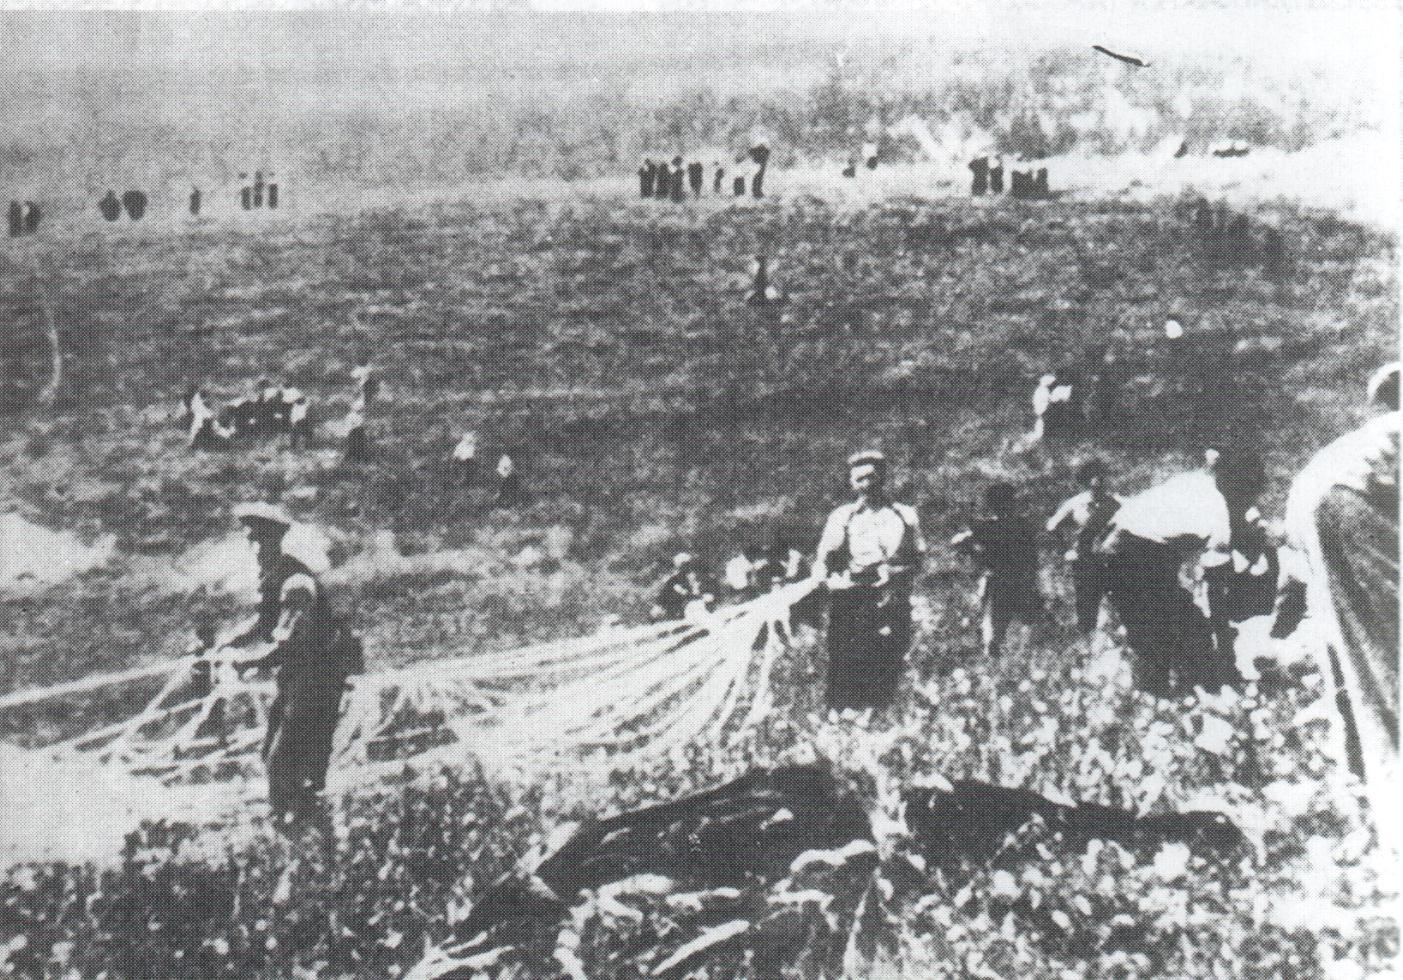 Grupos de resistentes, recogiendo los parachutajes enviados por los aliados.